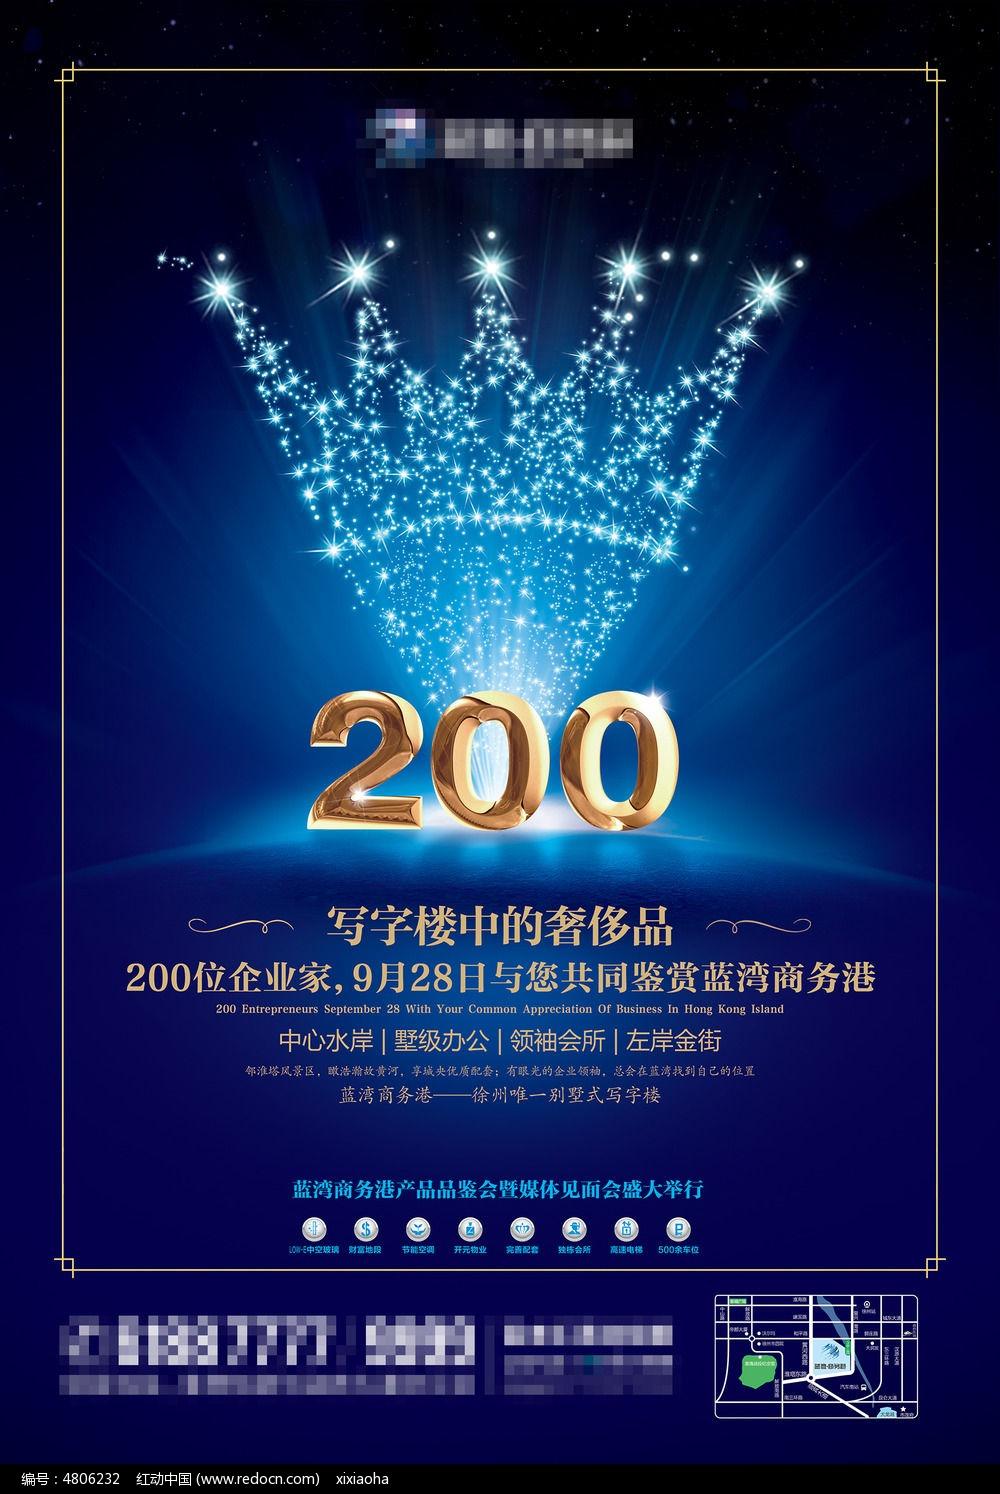 蓝湾商务港地产海报设计图片